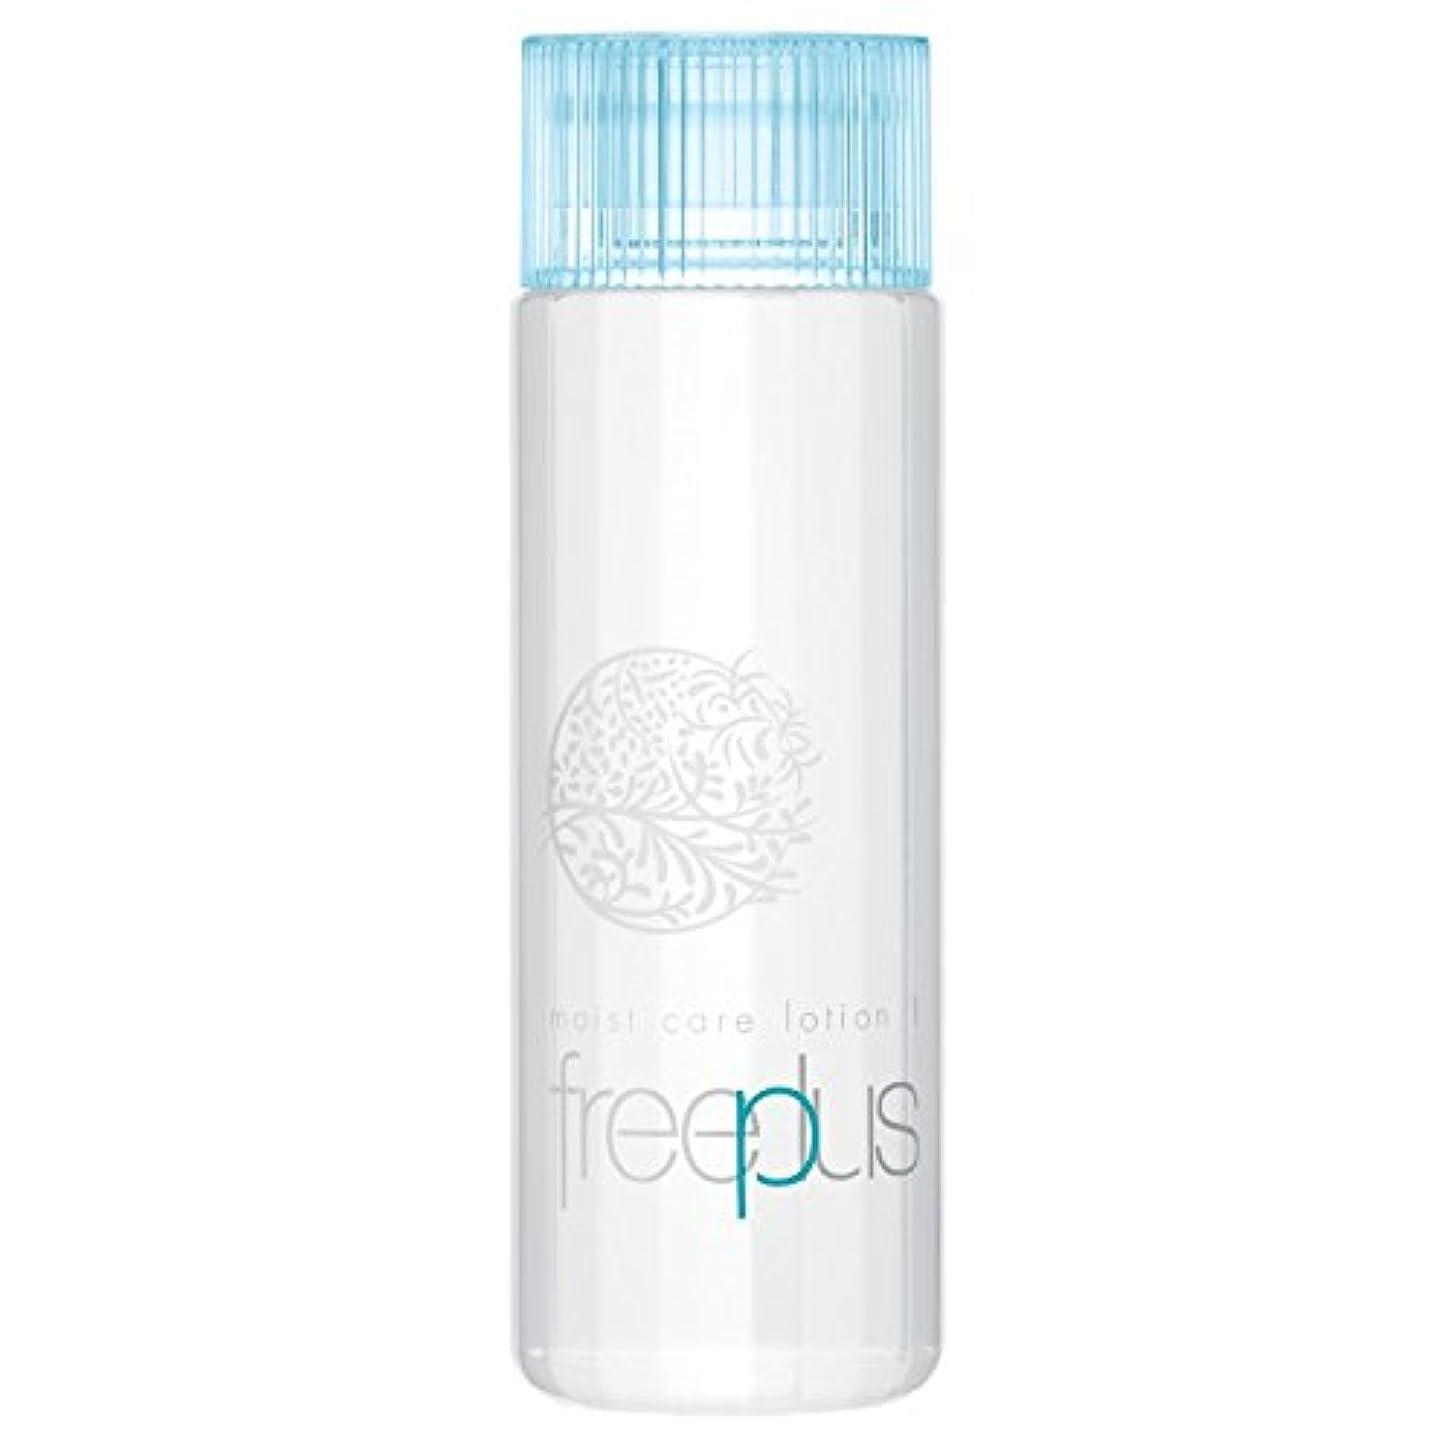 がんばり続ける行政鎮痛剤フリープラス モイストケアローション1(さっぱりタイプ)(保湿化粧水)